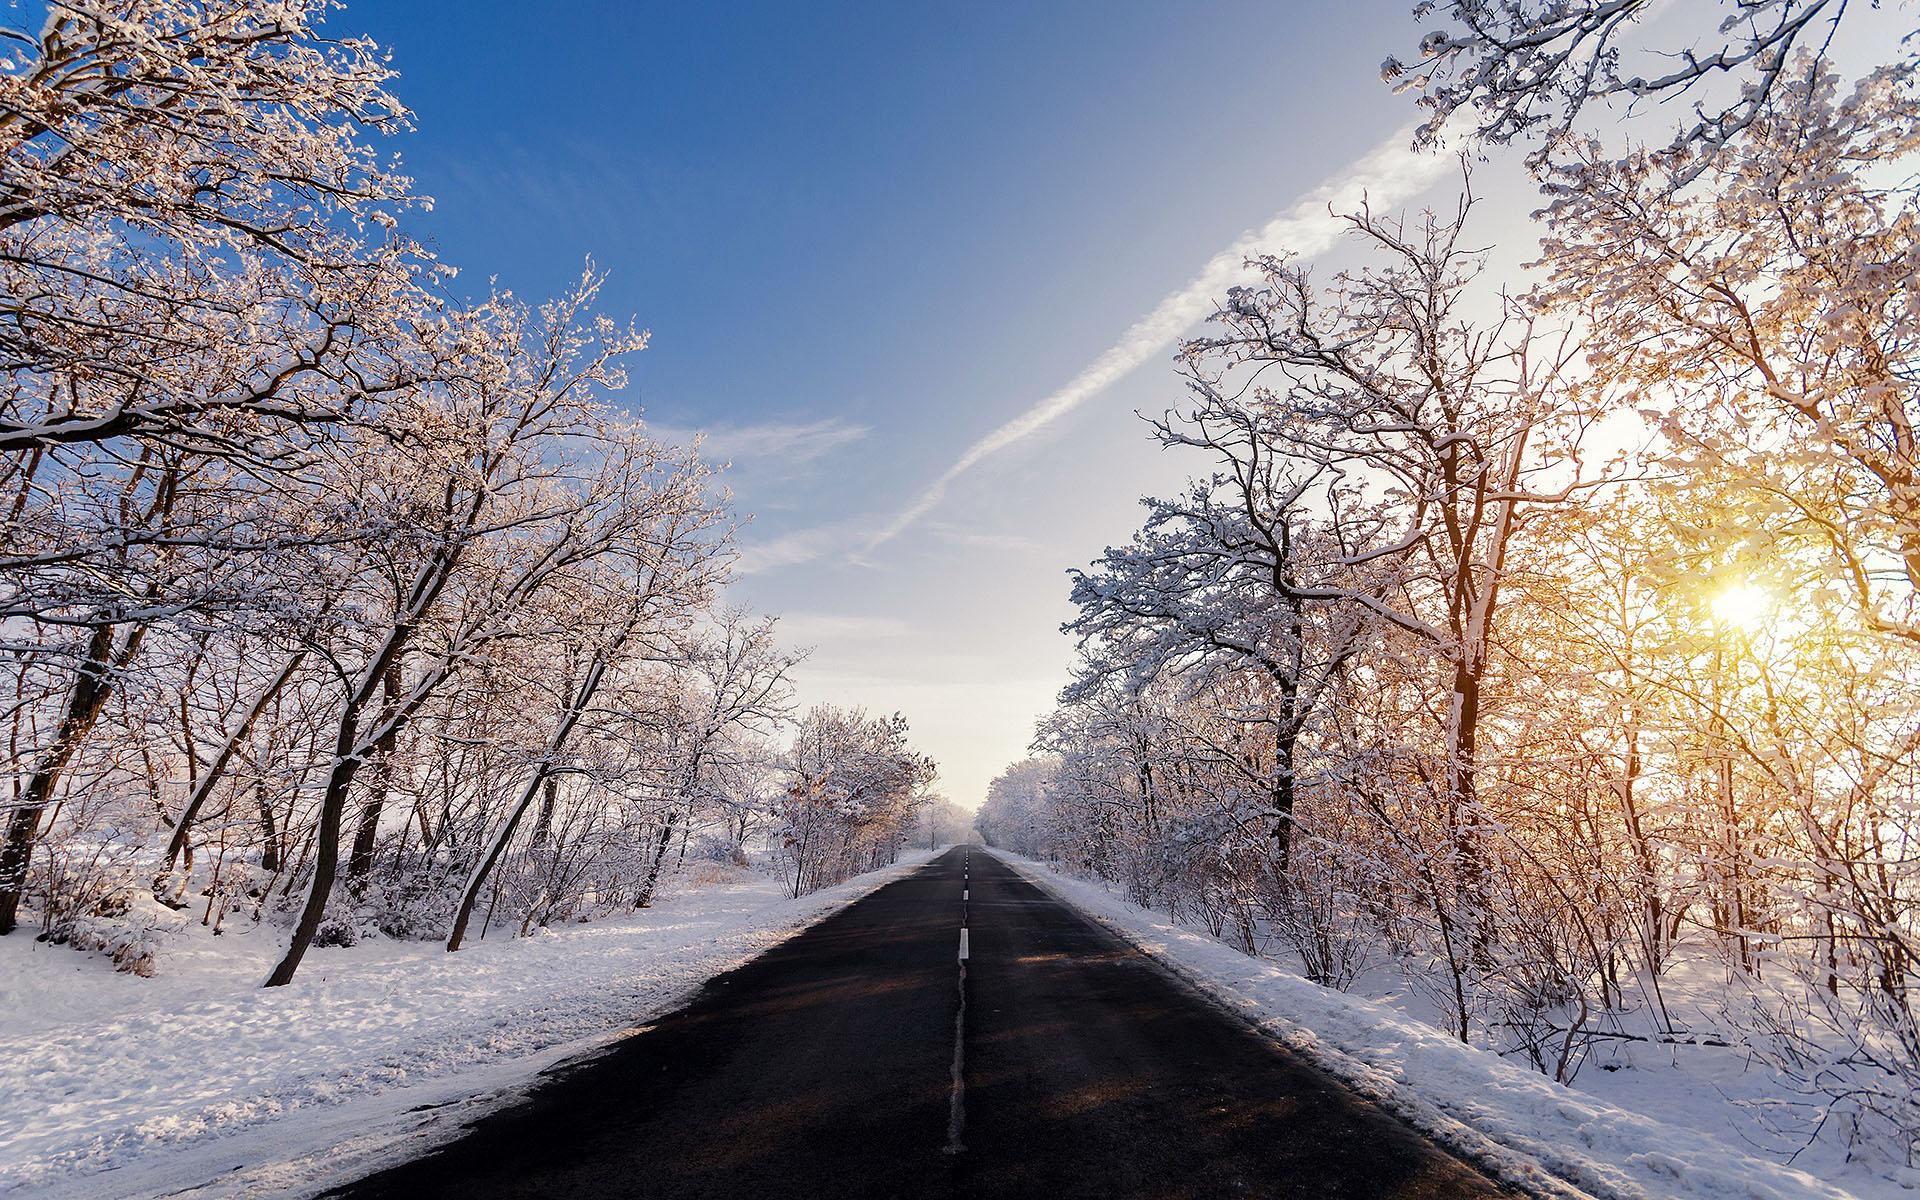 HDoboi.Kiev.ua - Покрытые инеем деревья зимой, зима на обои телефона